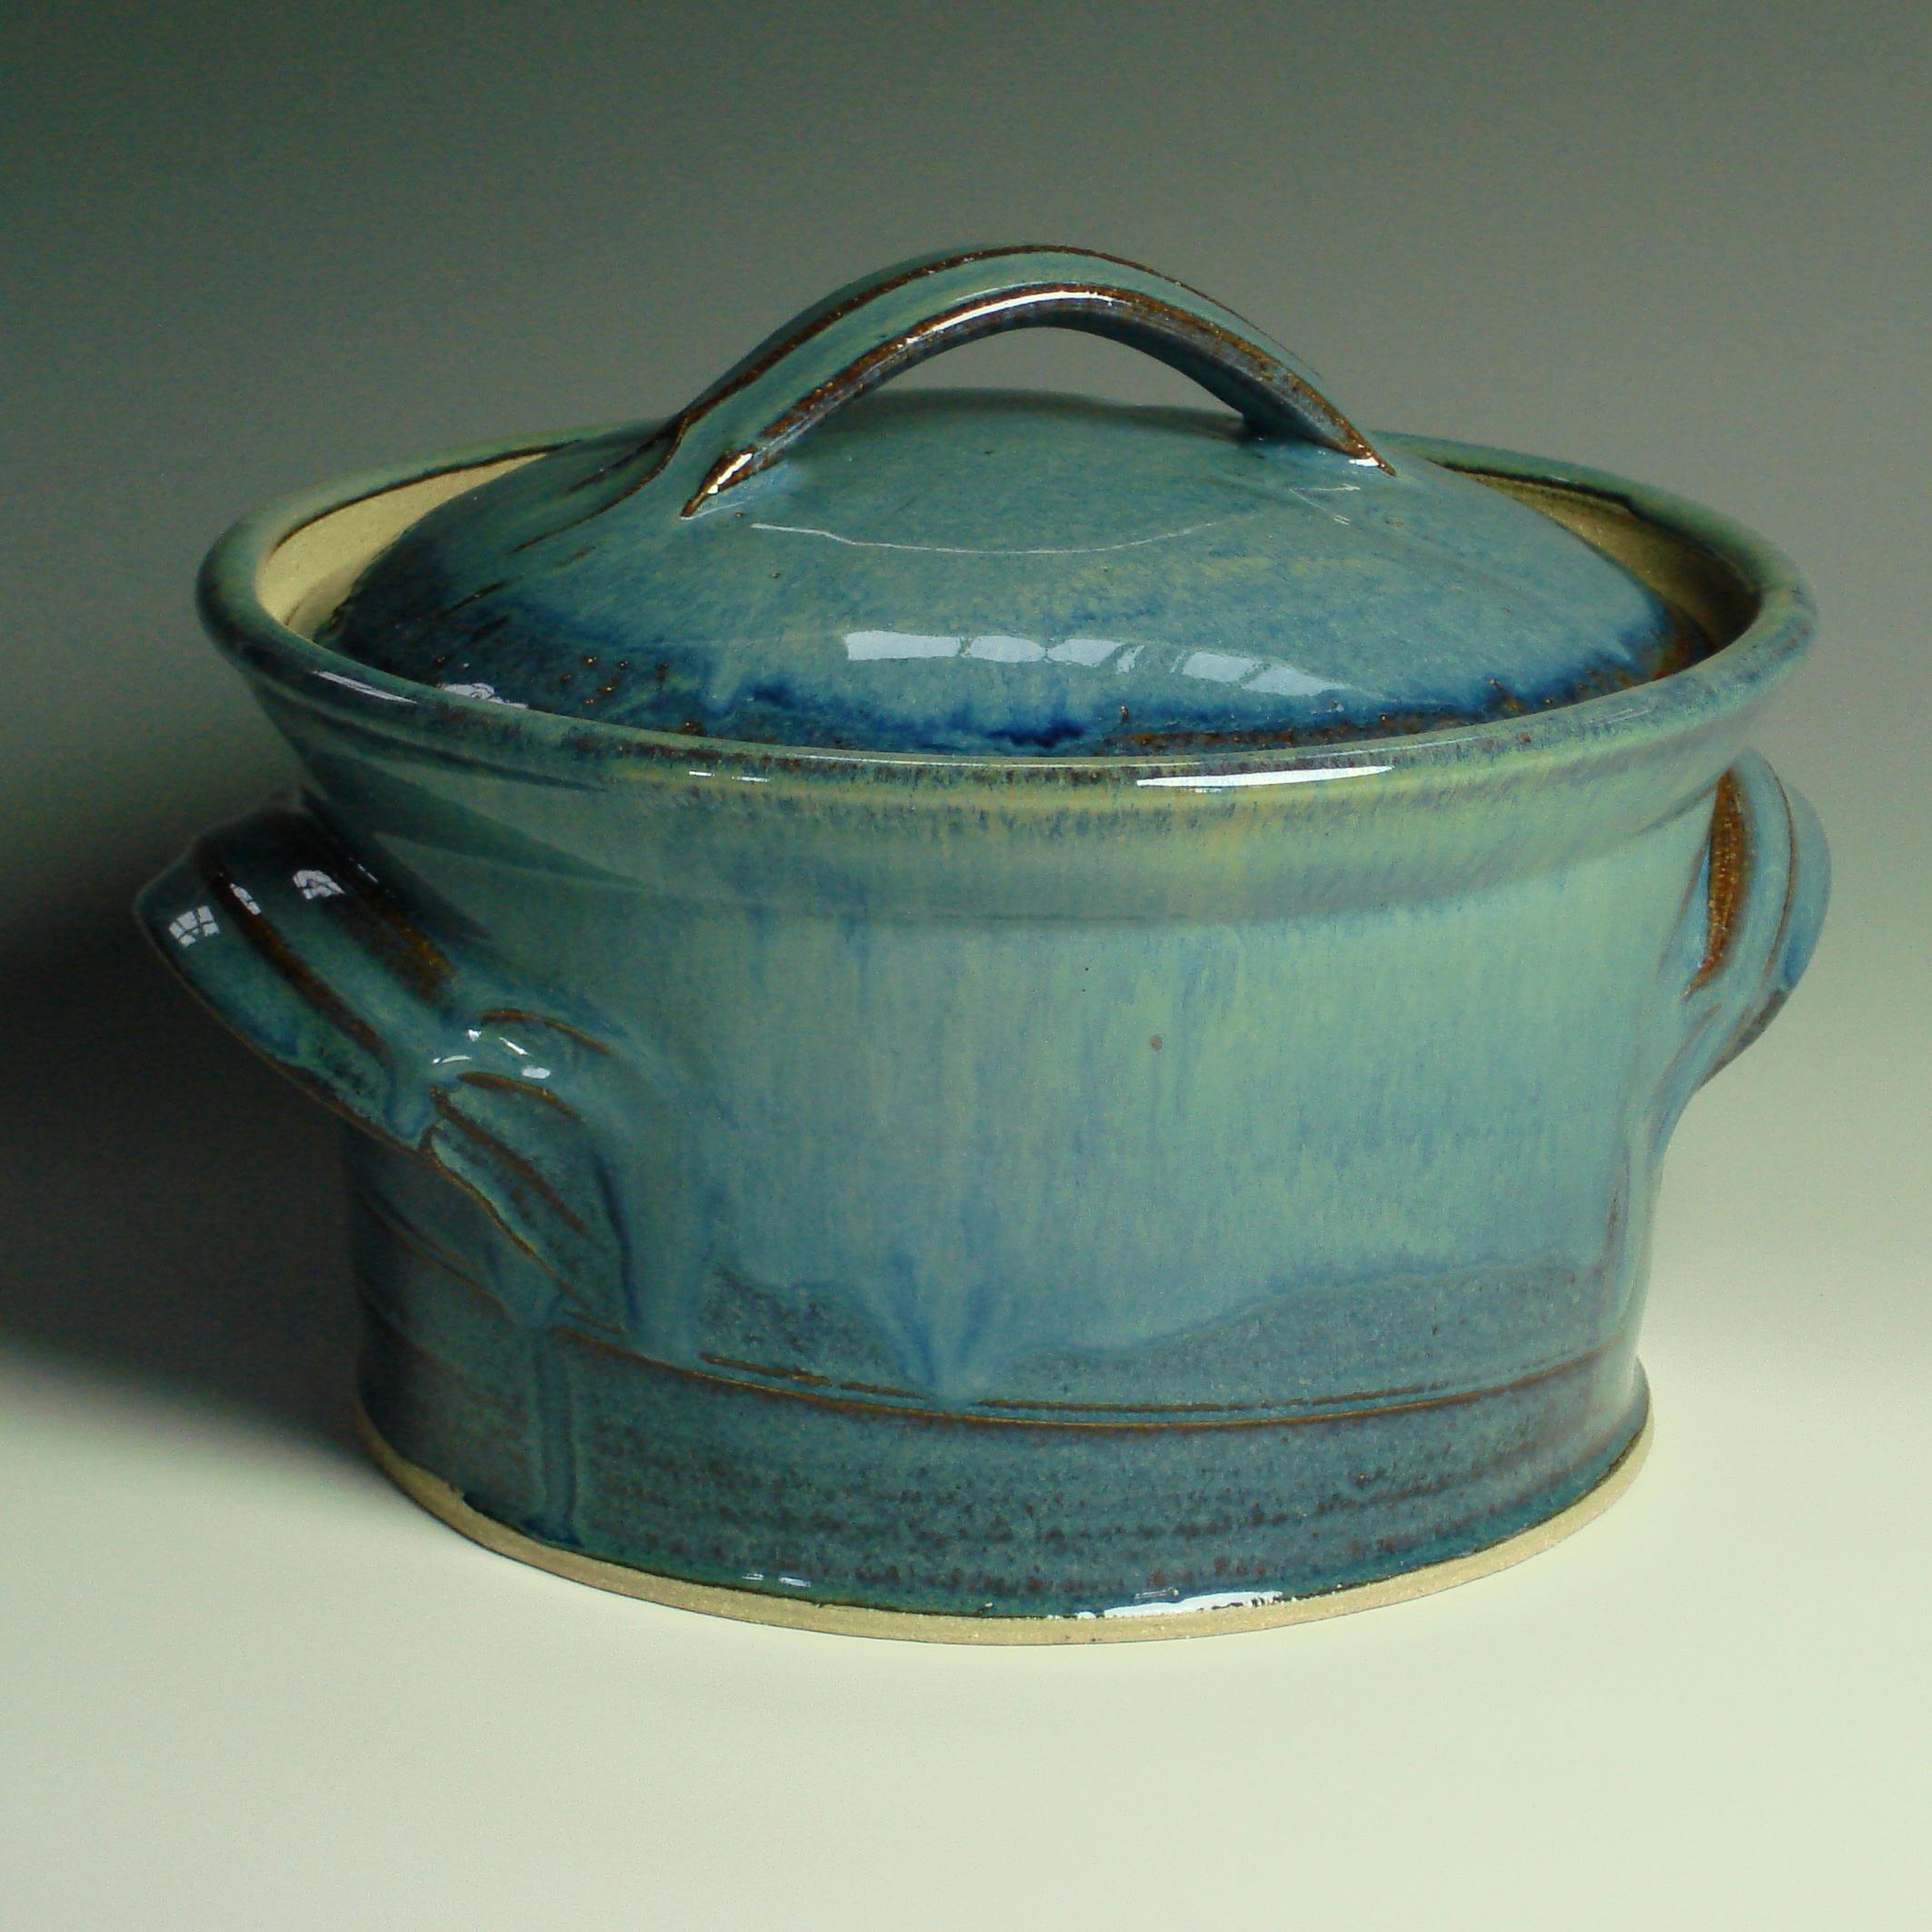 Handmade Casserole Dish - Summer blue